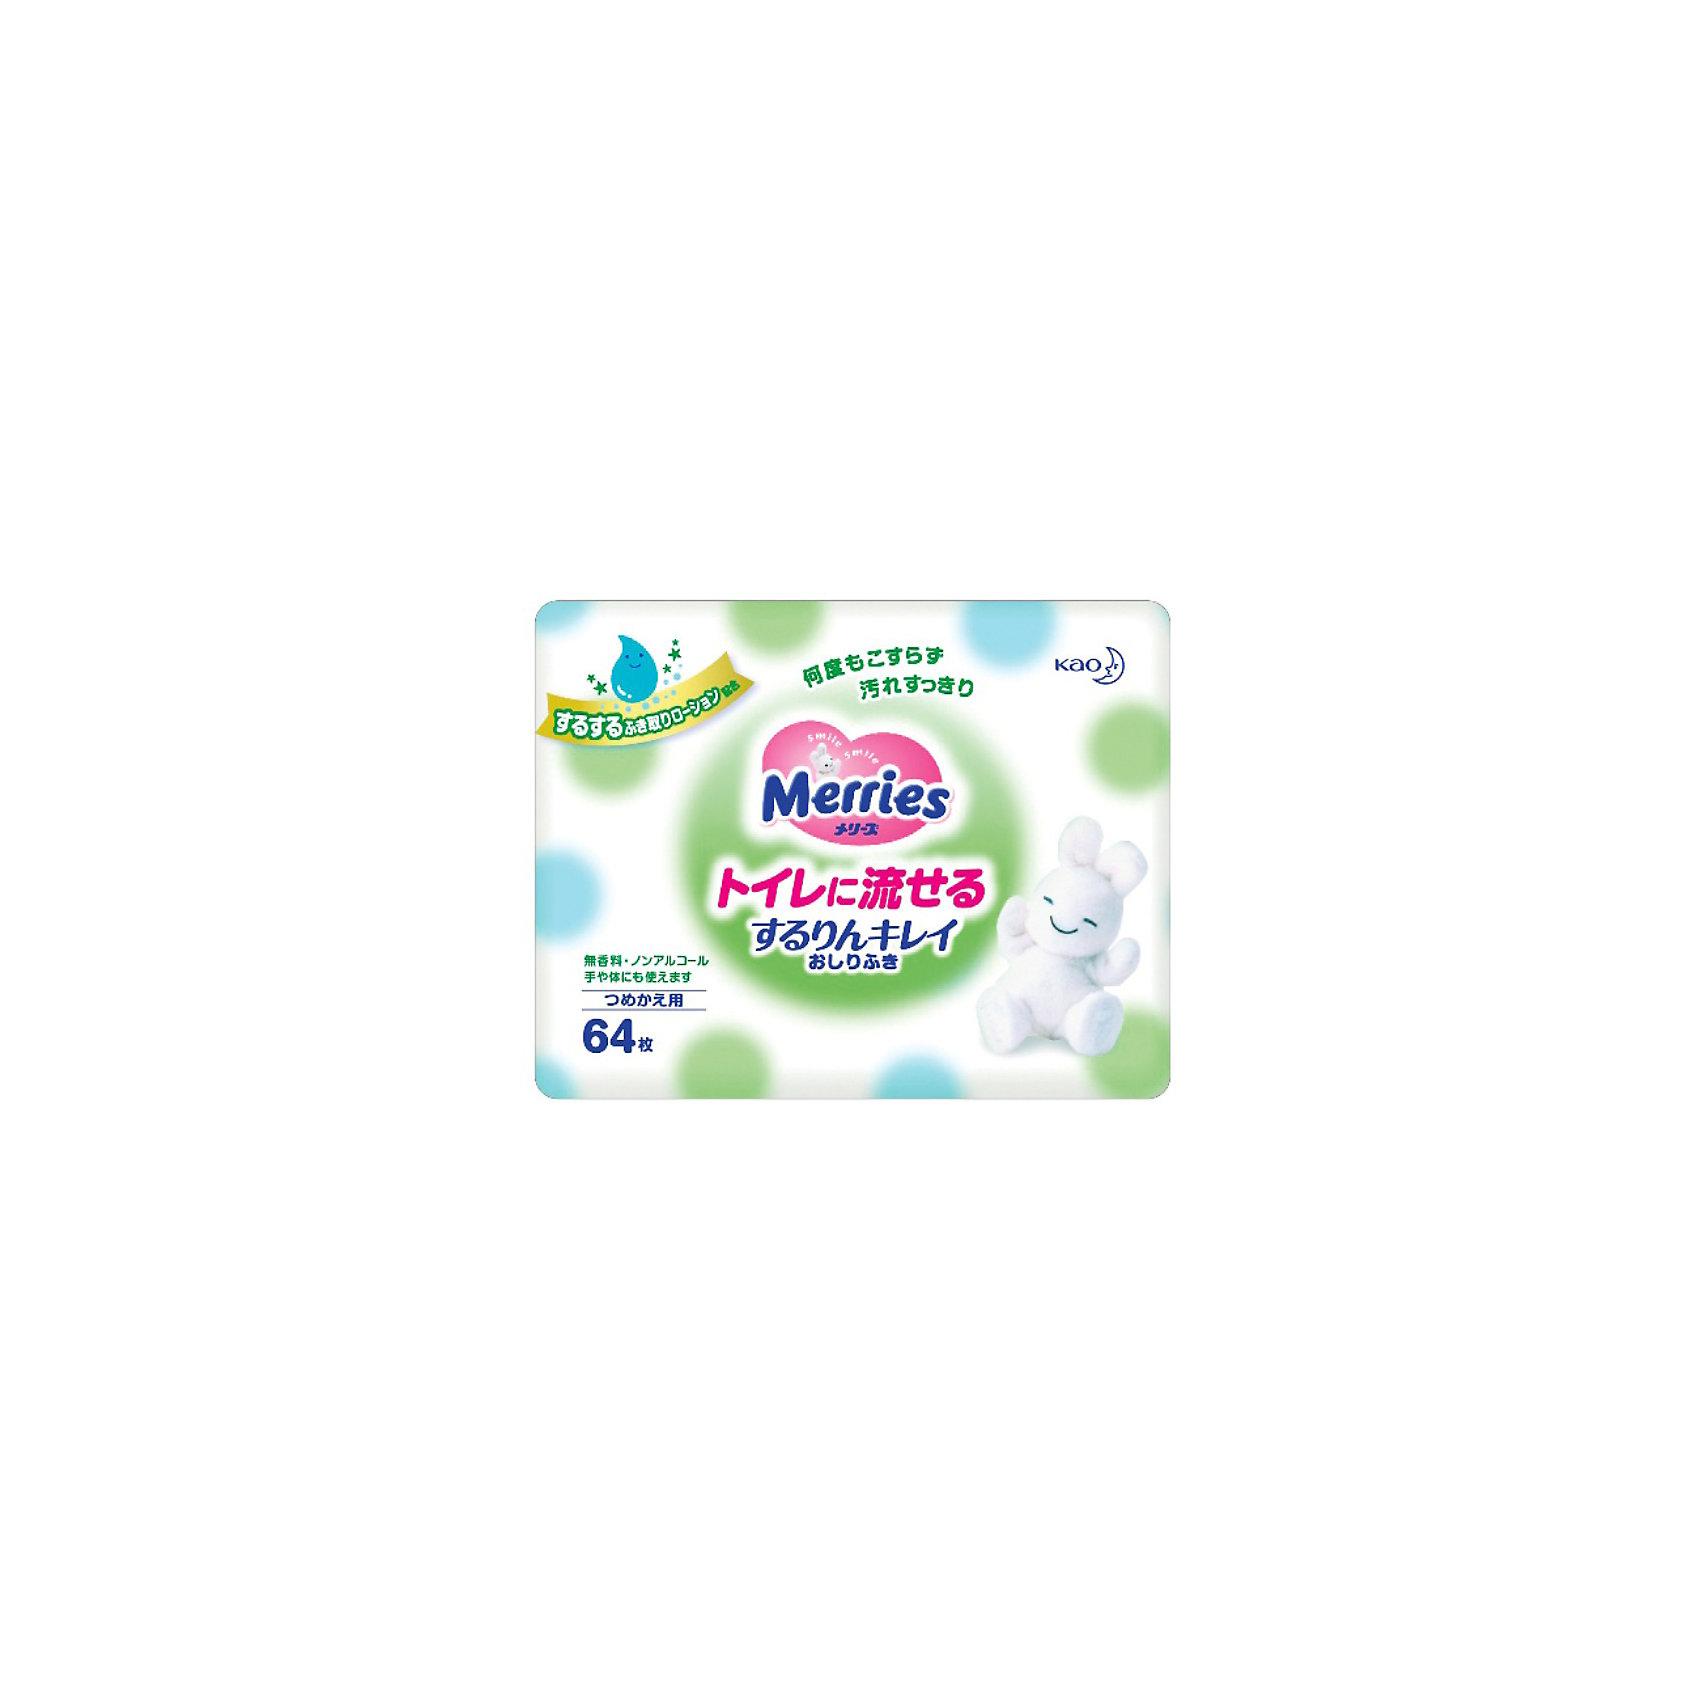 Merries Детские влажные салфетки Merries Flushable, 64 шт., запасной блок merries влажные салфетки для новорождённых 54 шт